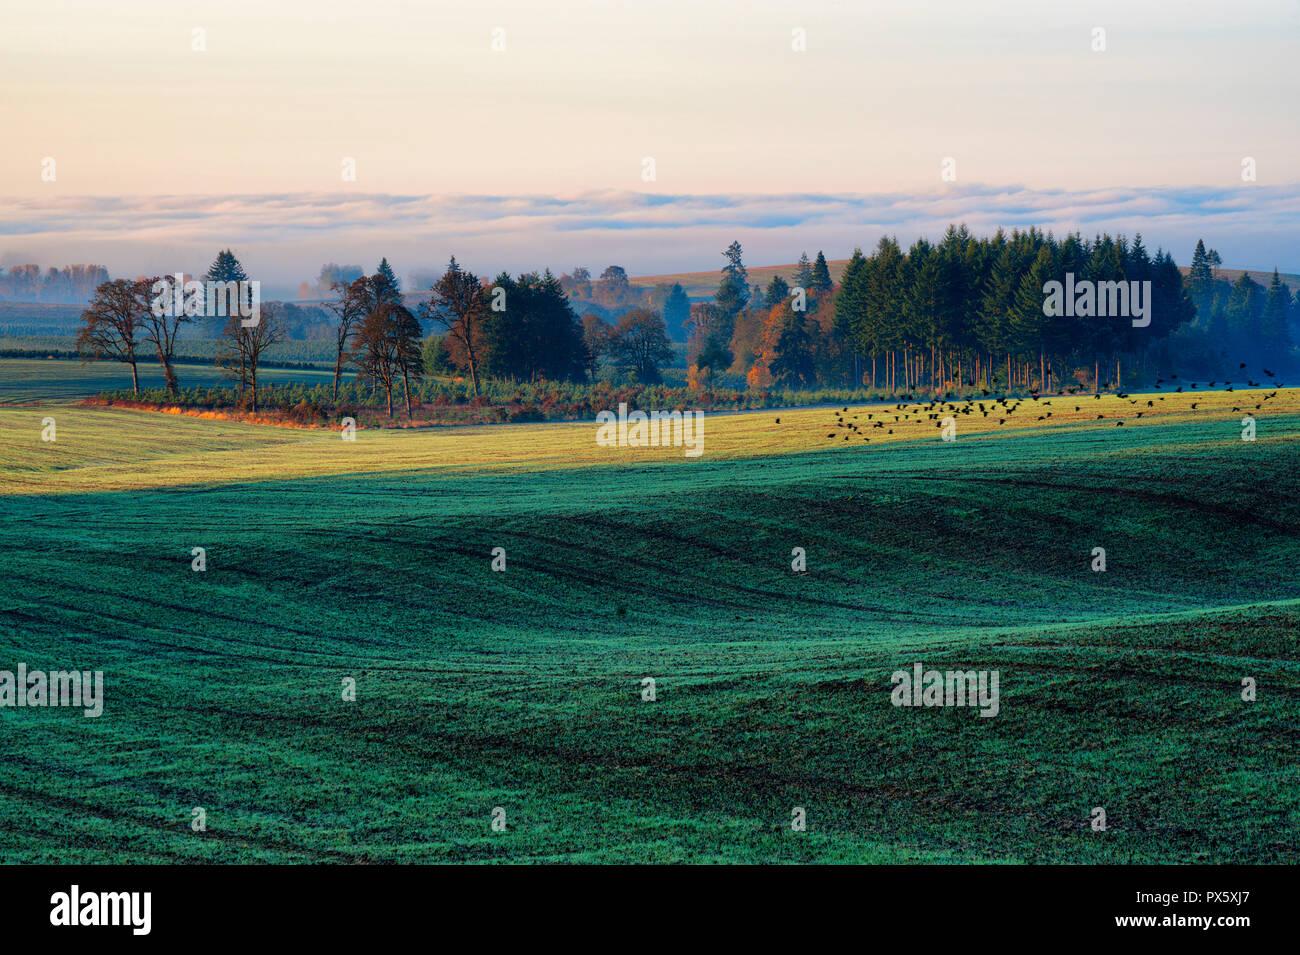 La mattina presto sunrise per alleggerire la massa fattoria bruciando terra della nebbia che aleggia tra gli alberi, mentre uccelli neri che prendono il volo, vicino Aumsville Immagini Stock